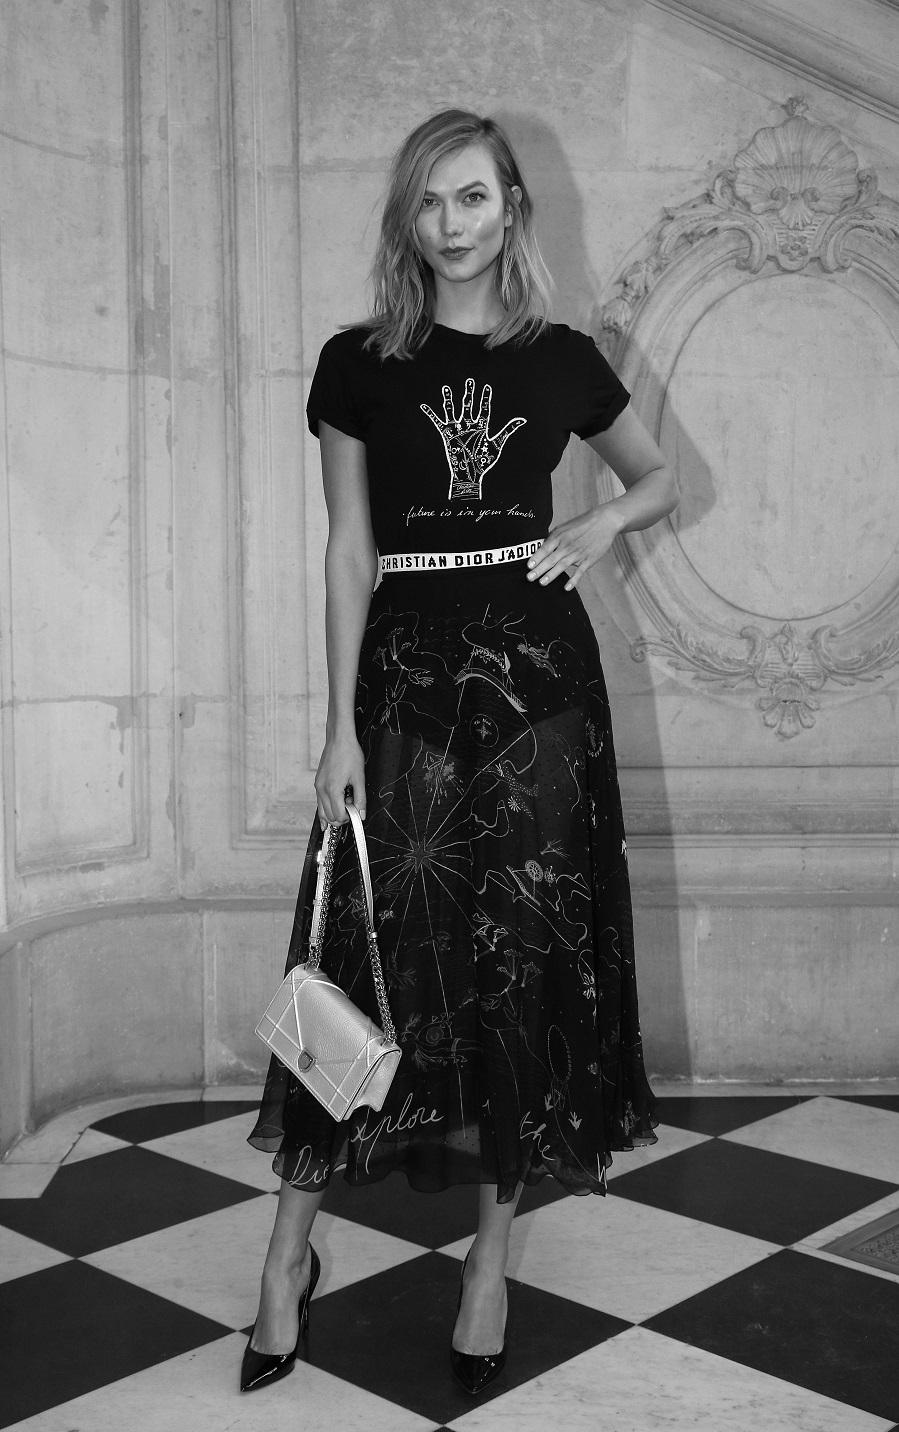 Karlie Kloss en el desfile de Dior de París con camiseta de la firma.